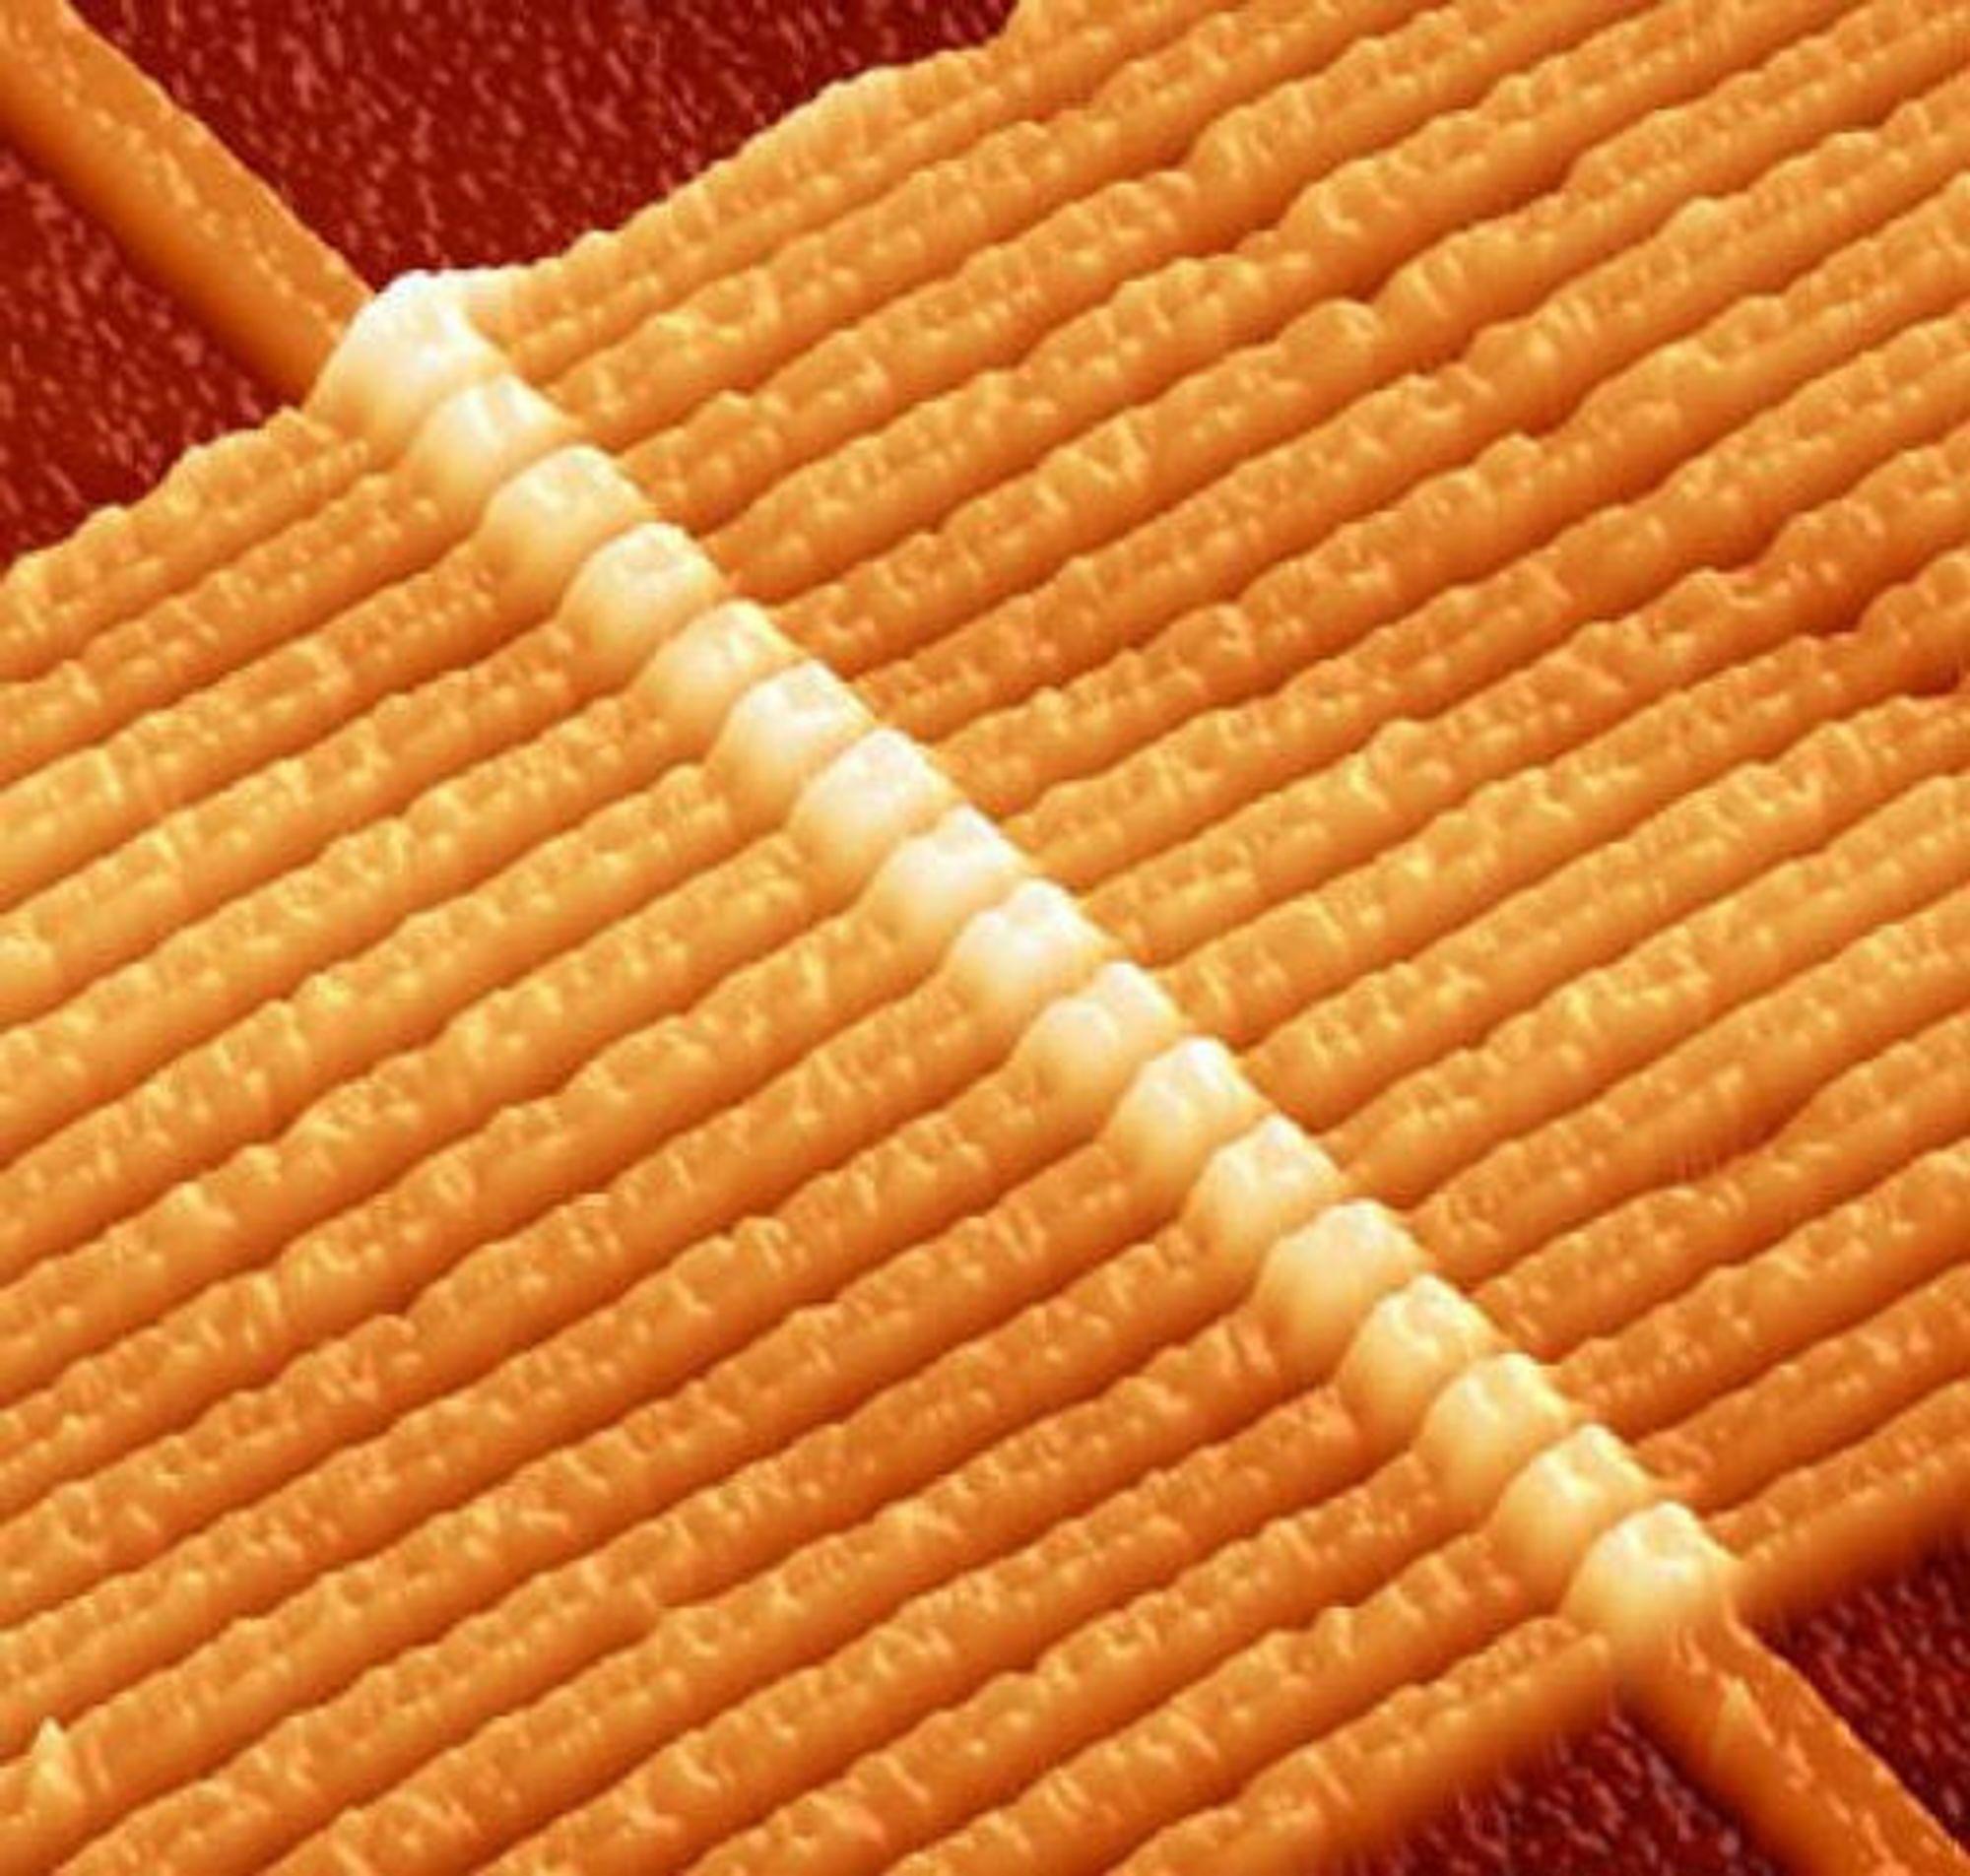 17 memristorer på rad, dannet ved å krysse 17 platina-baserte nanotråder med en annen tråd, med en tynn klatt med titandioksid i en sandwichkonstruksjon mellom hvert av kryssene. Hver tråd er 50 nanometer bred.